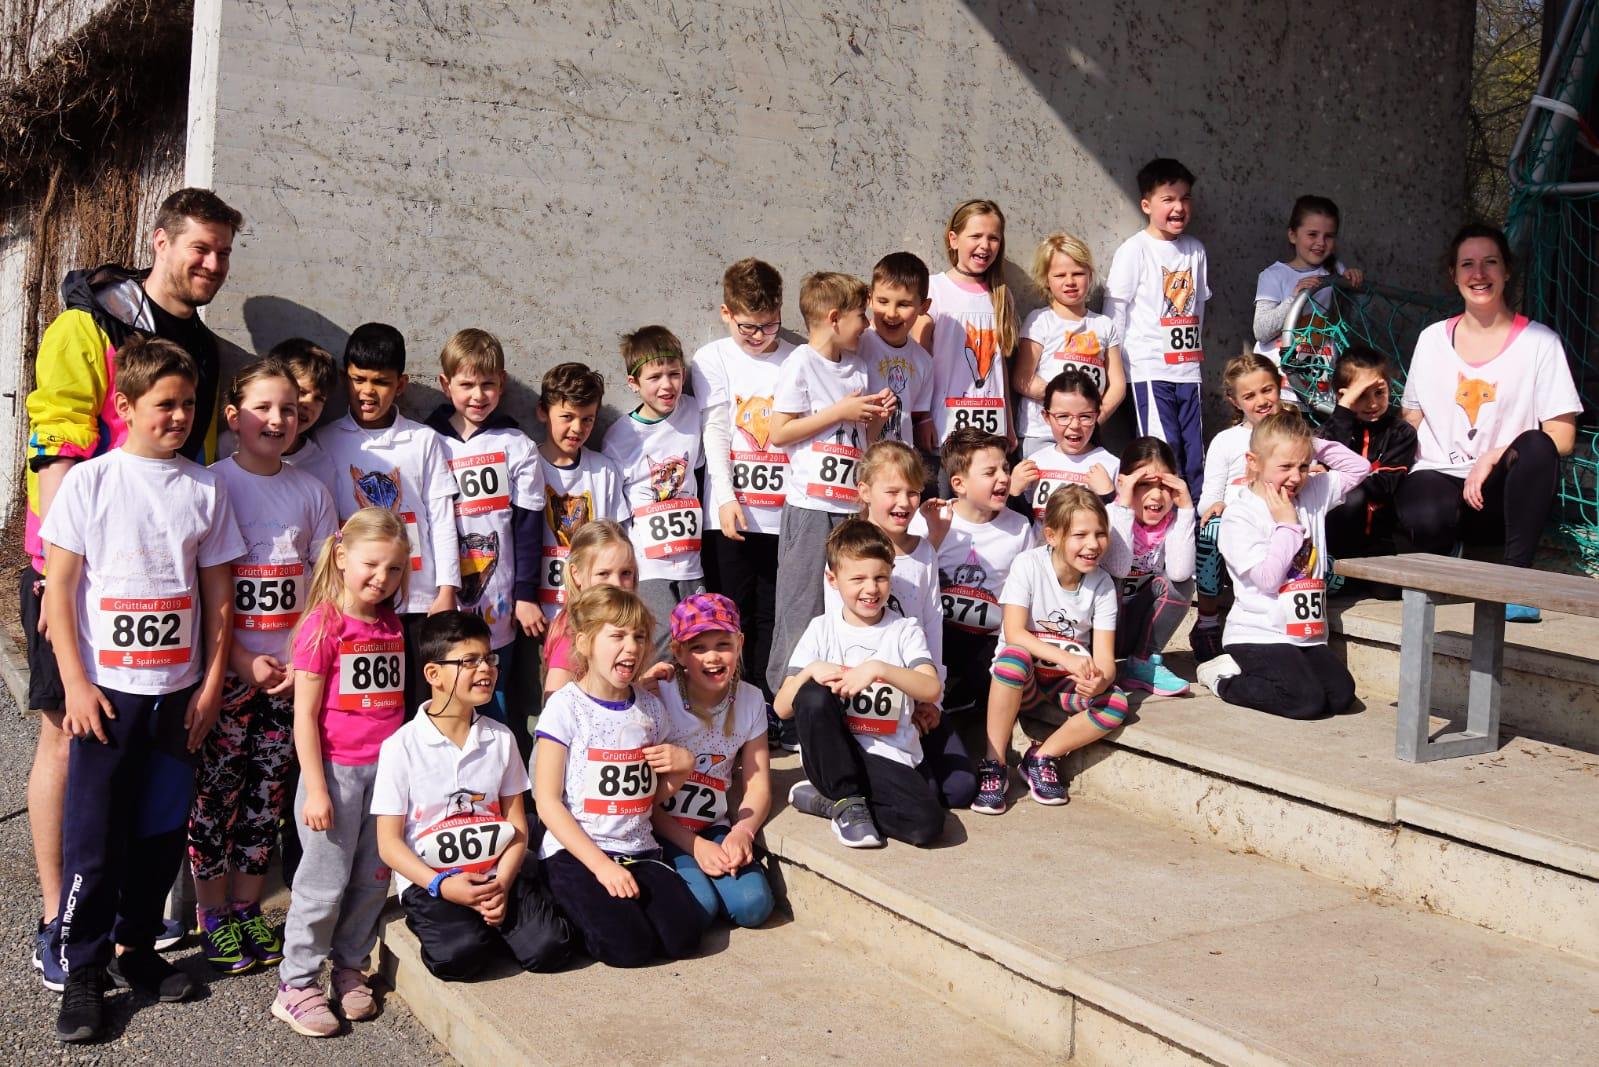 Grüttlauf 24.03.2019 Vor dem Lauf - Klassen 2a und 2b